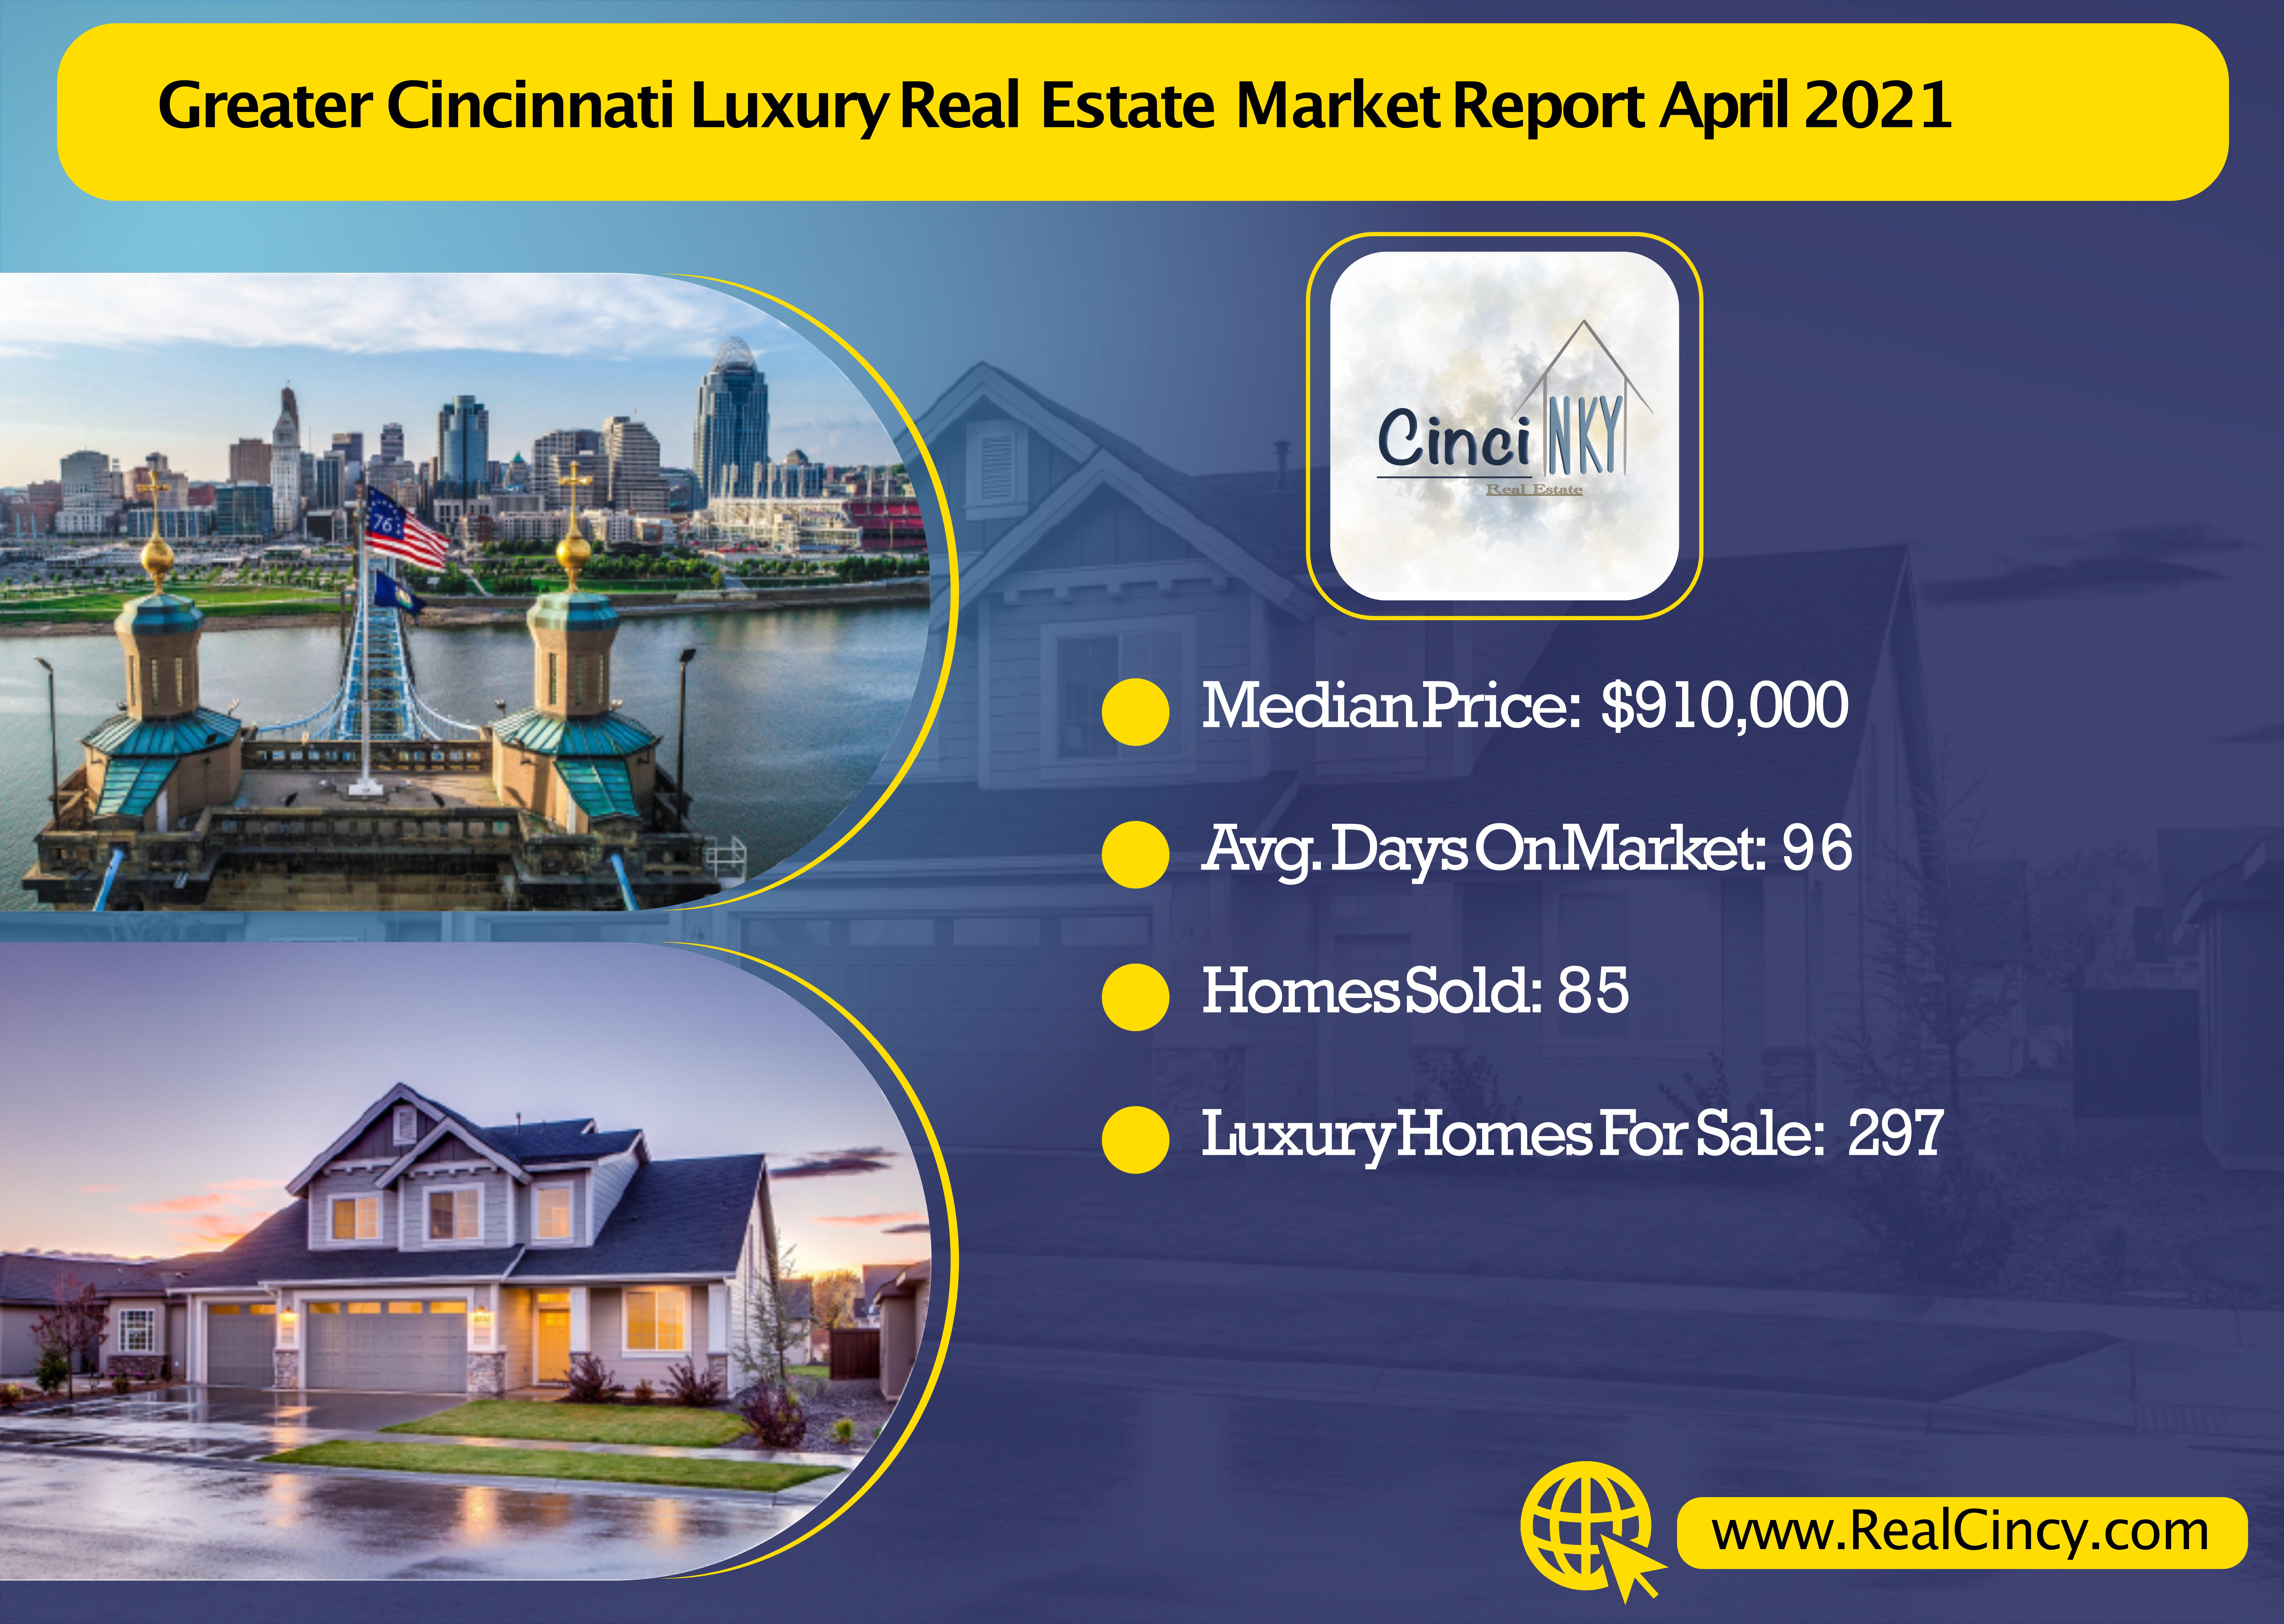 April 2021 Greater Cincinnati Luxury Real Estate Market Report